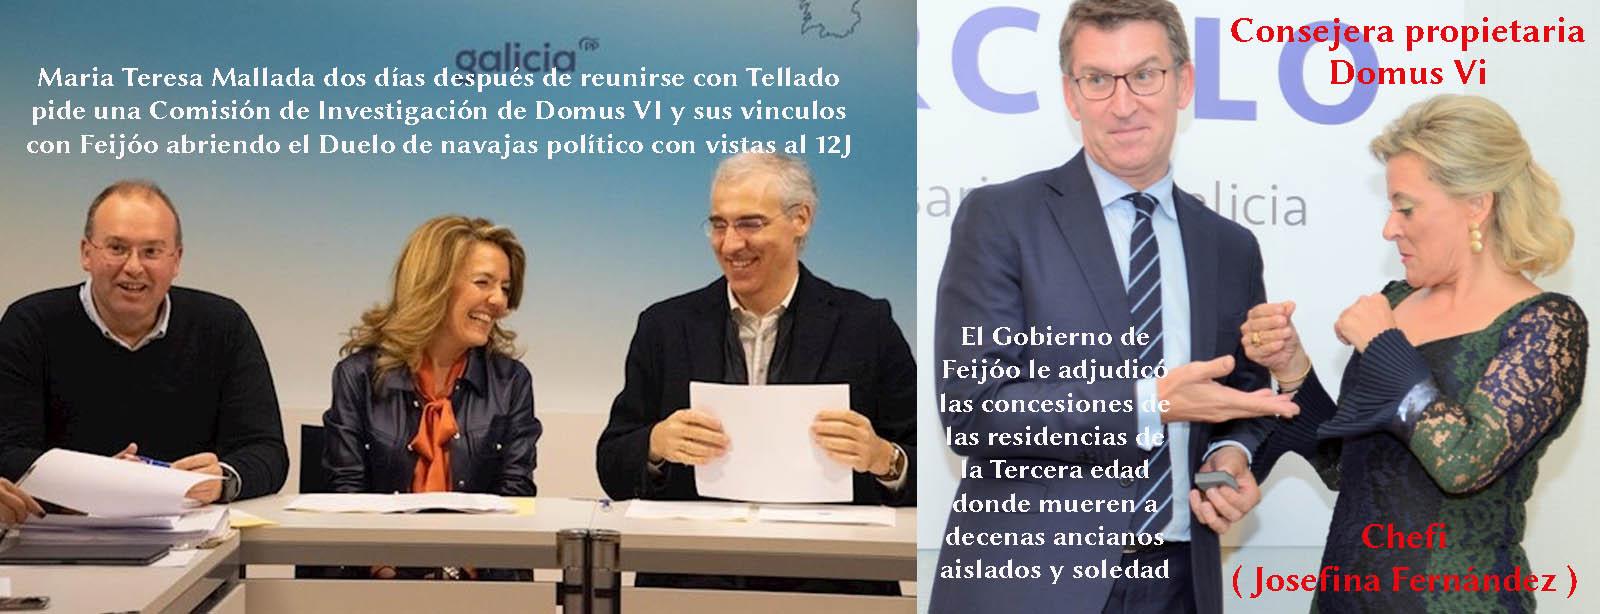 El historial de Teresa Mallada-Miguel Tellado no es el mejor aval para  investigar a Feijóo, Chefi y las residencias DOOMUS VI y sus fallecidos. -  Xornal Galicia